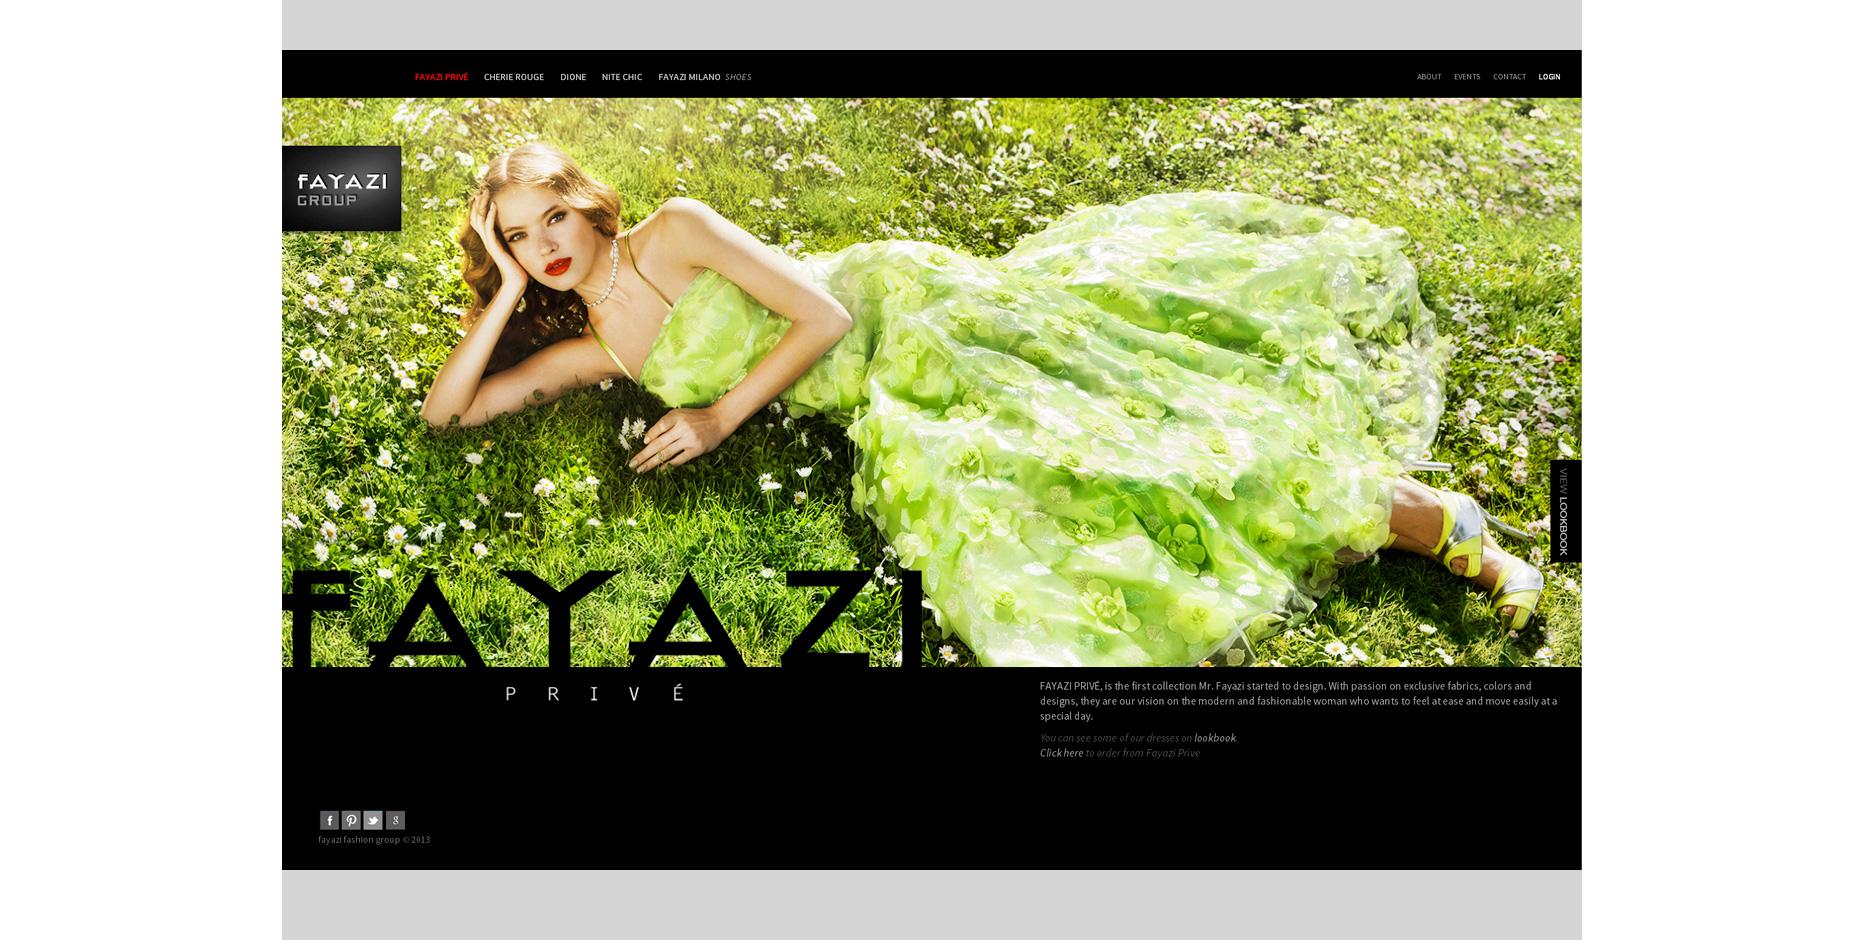 Σχεδιασμός & ανάπτυξη ιστοσελίδας FayaziFashion • adeadpixel